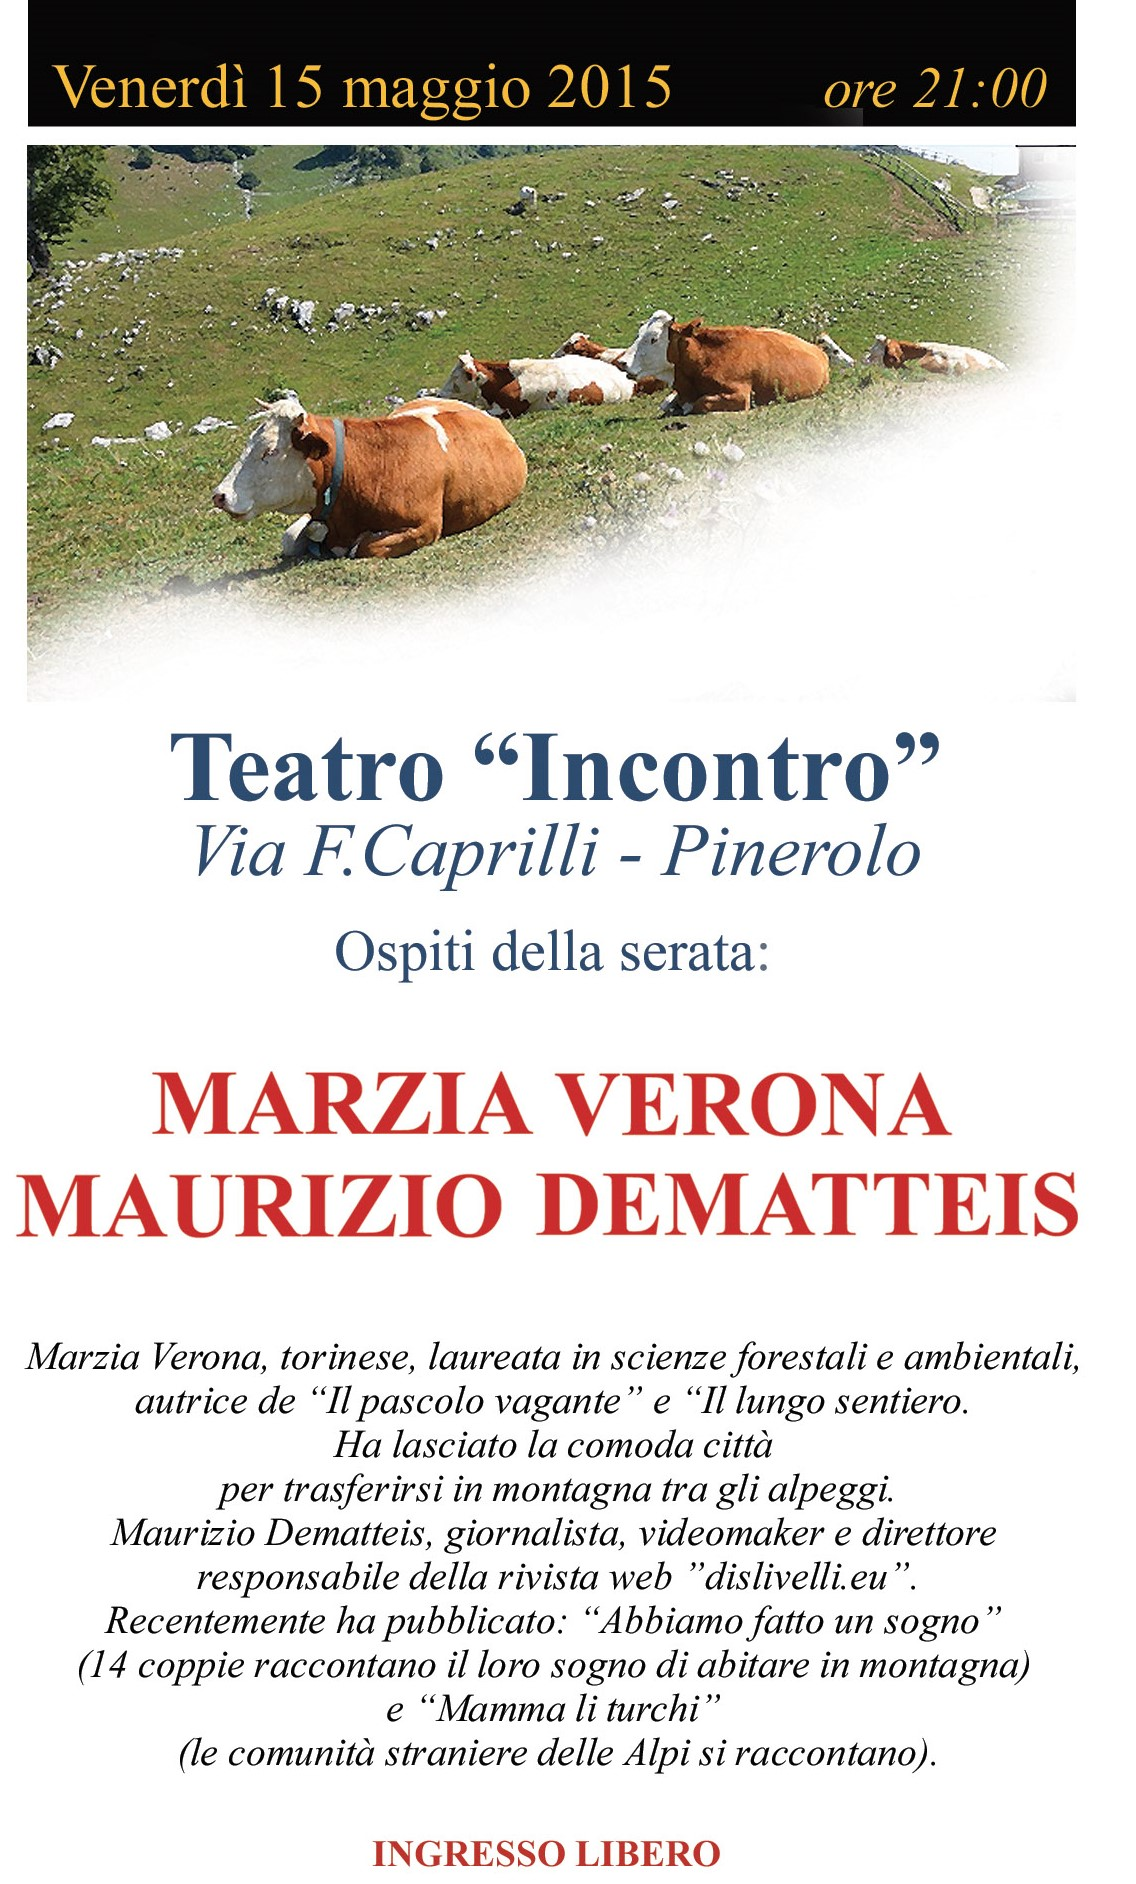 Tornare ad abitare la montagna: il 15 maggio a Pinerolo un incontro con M. Verona e M. Dematteis